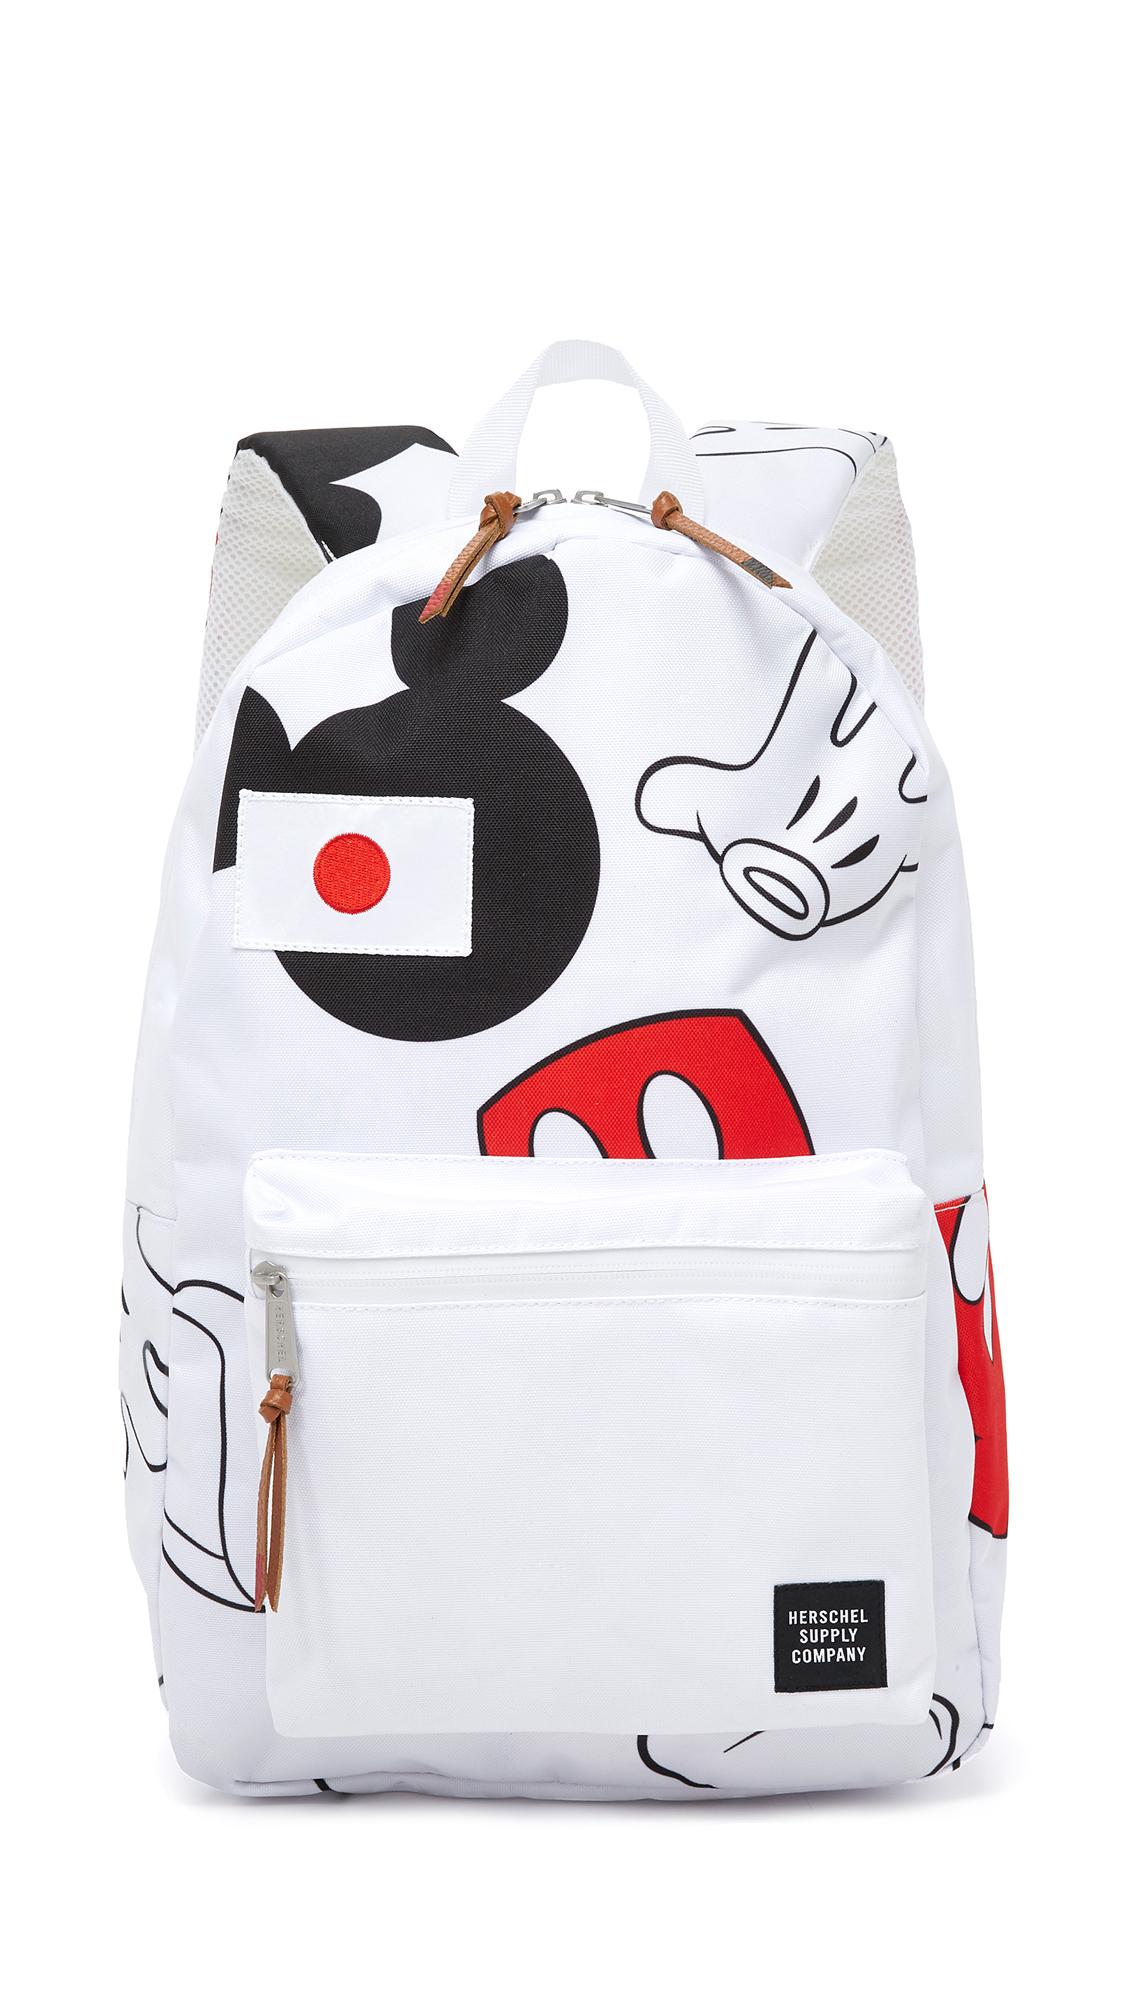 9a0940f5a51 Herschel Supply Co. Disney x Herschel Settlement Backpack   SHOPBOP